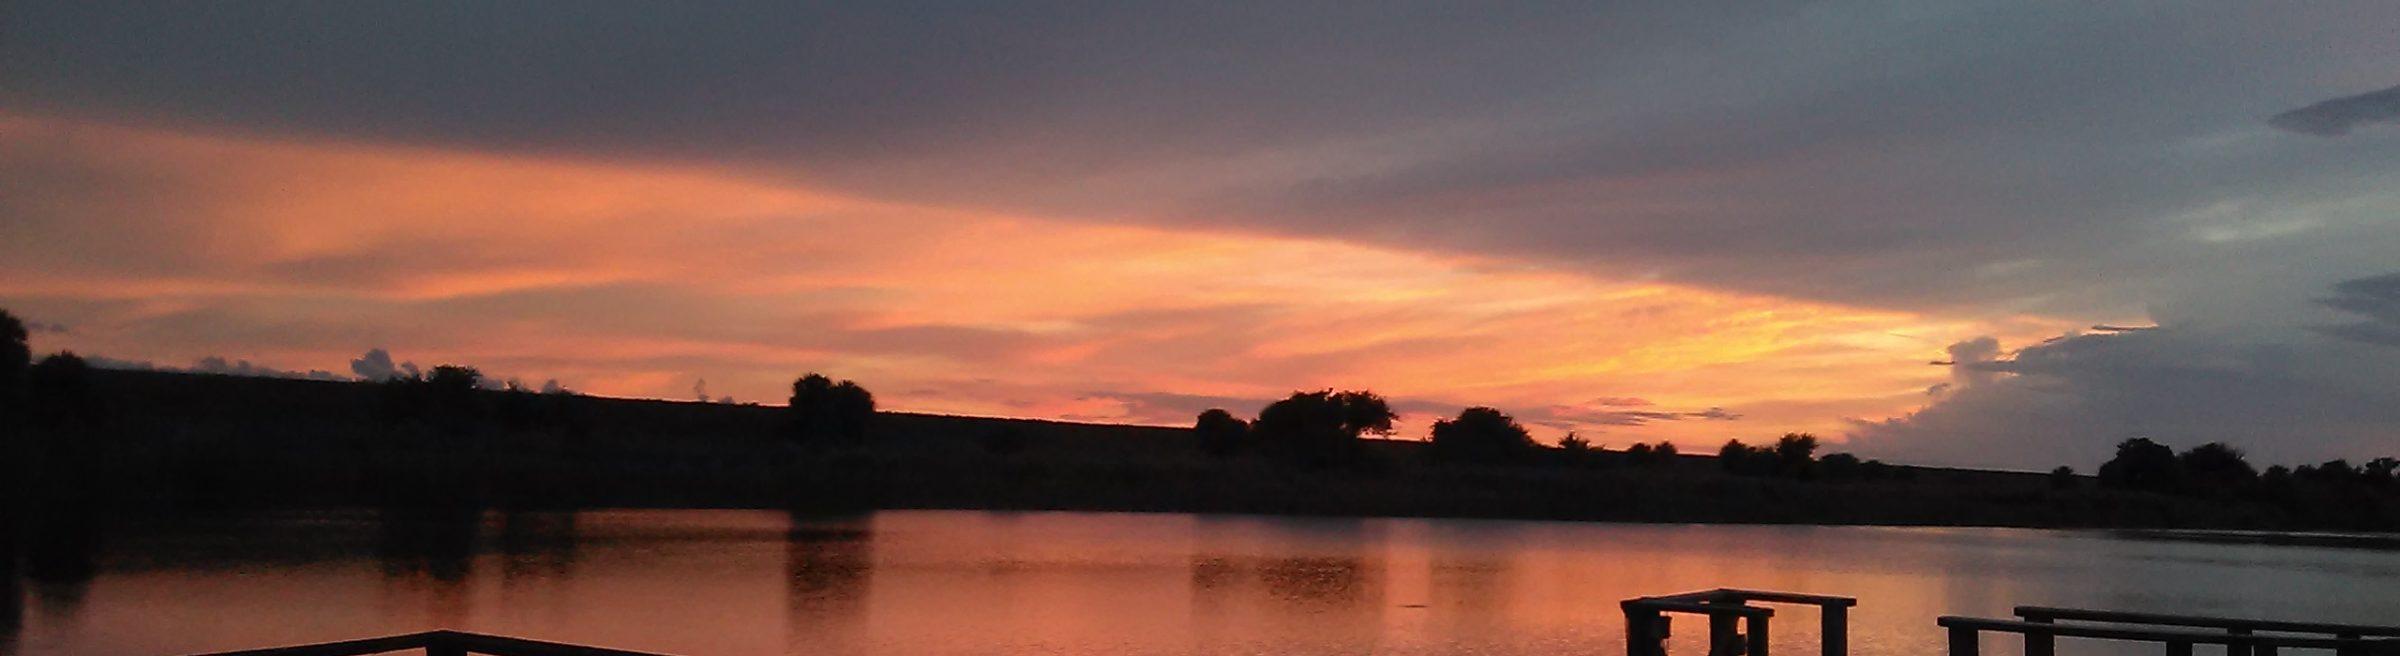 God's Gracious Sunset